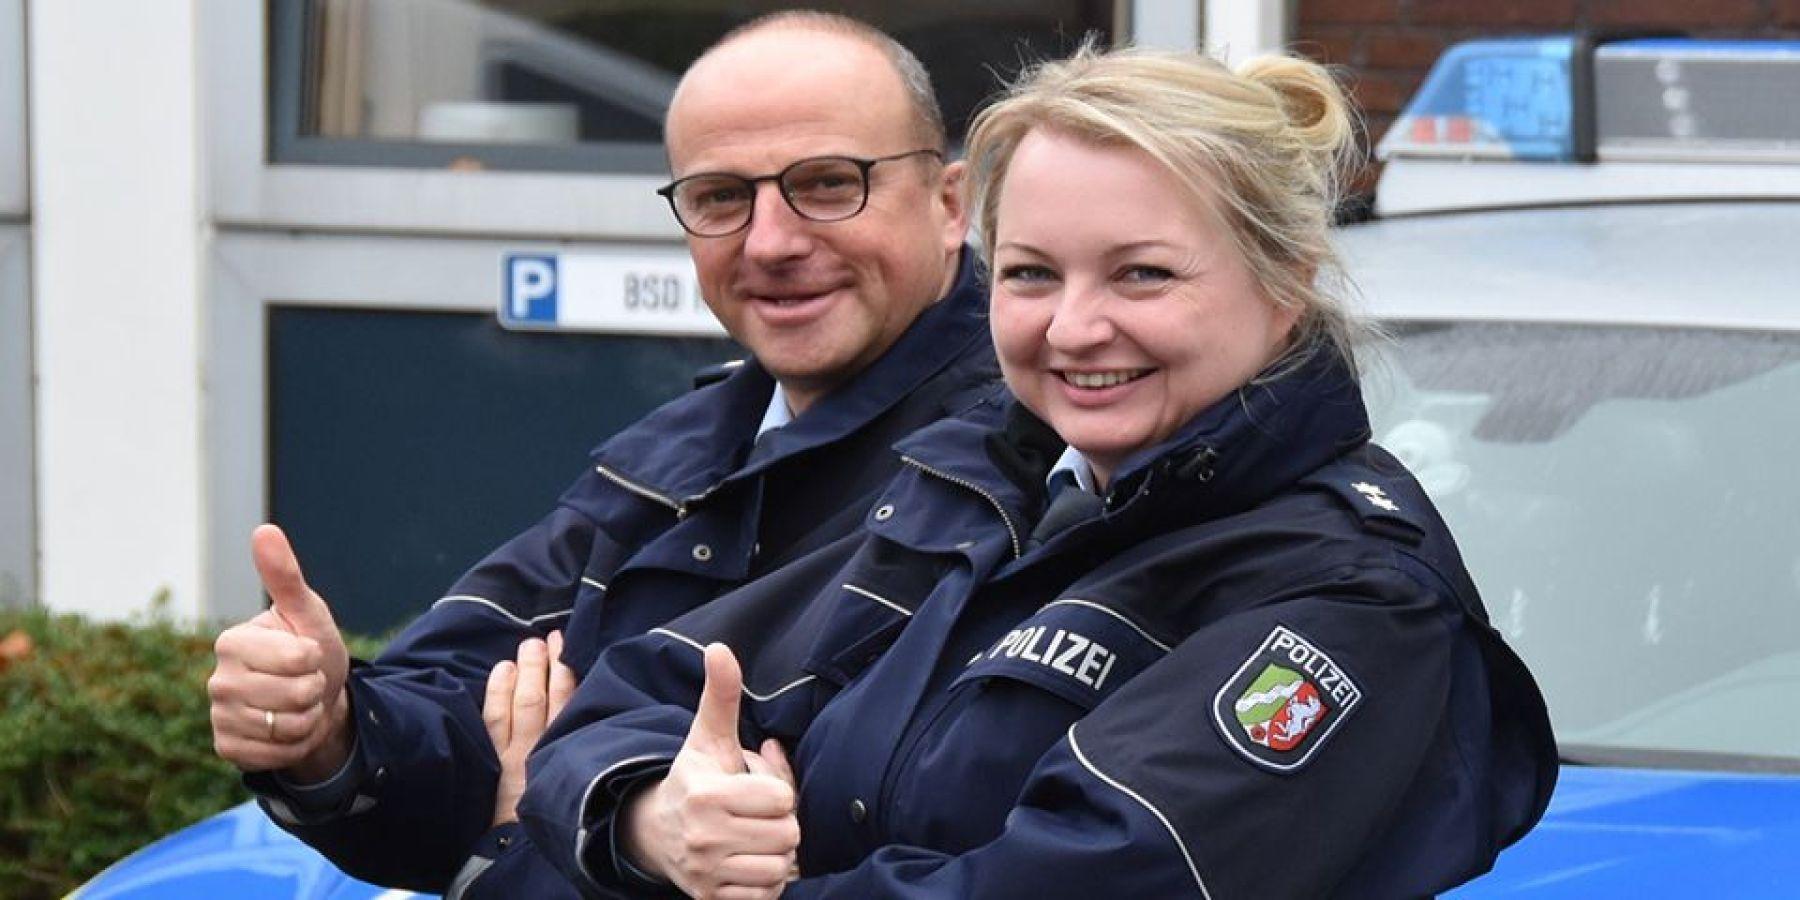 Berufseinsteiger bei der Polizei – Informationstag am 13. Mai